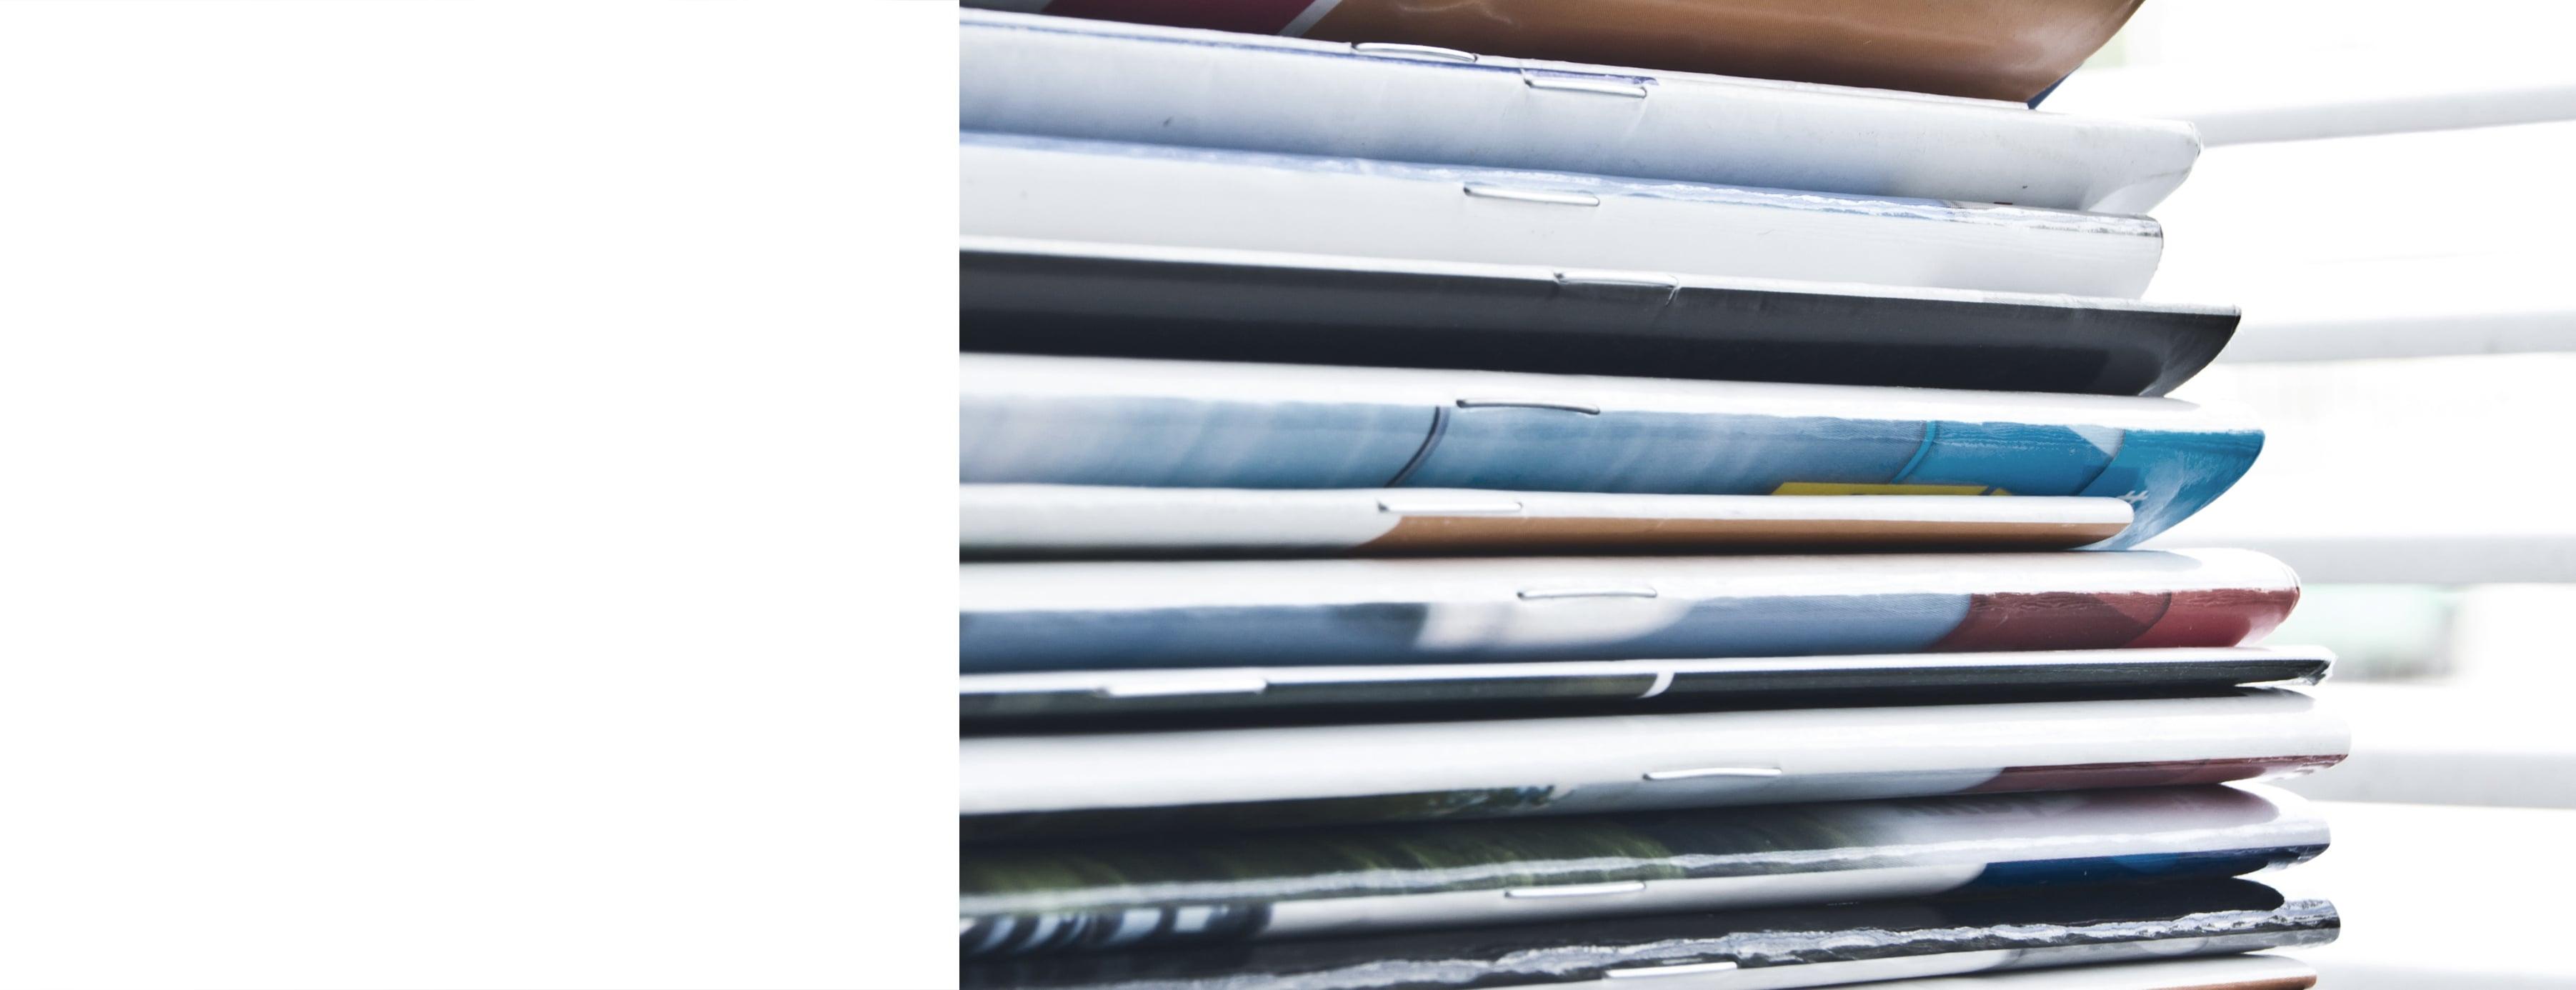 Agrafos de metal para altas tiragens